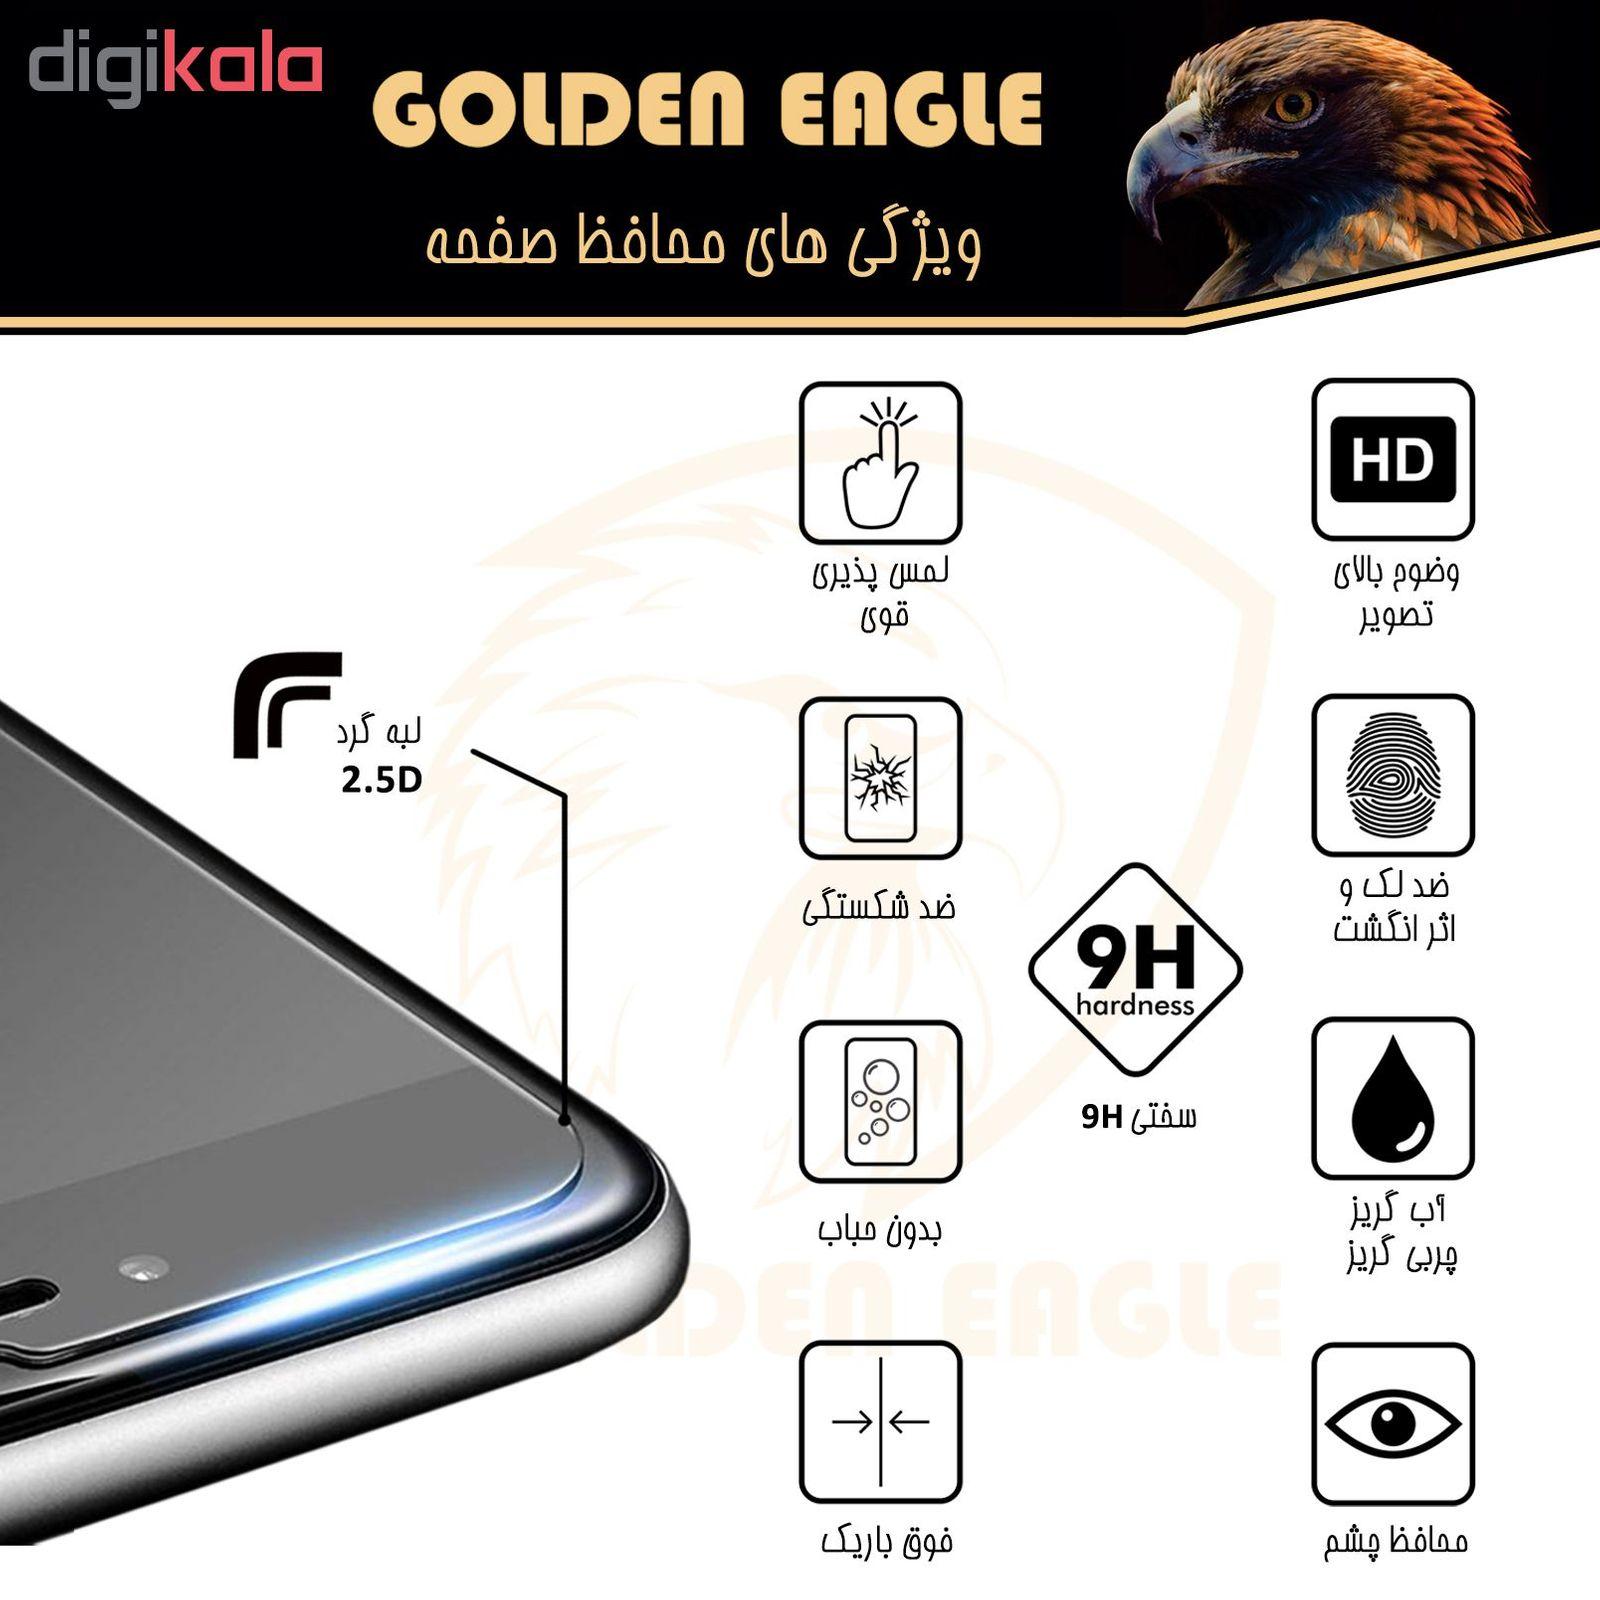 محافظ صفحه نمایش گلدن ایگل مدل GLC-X3 مناسب برای گوشی موبایل سامسونگ Galaxy M30 بسته سه عددی main 1 3